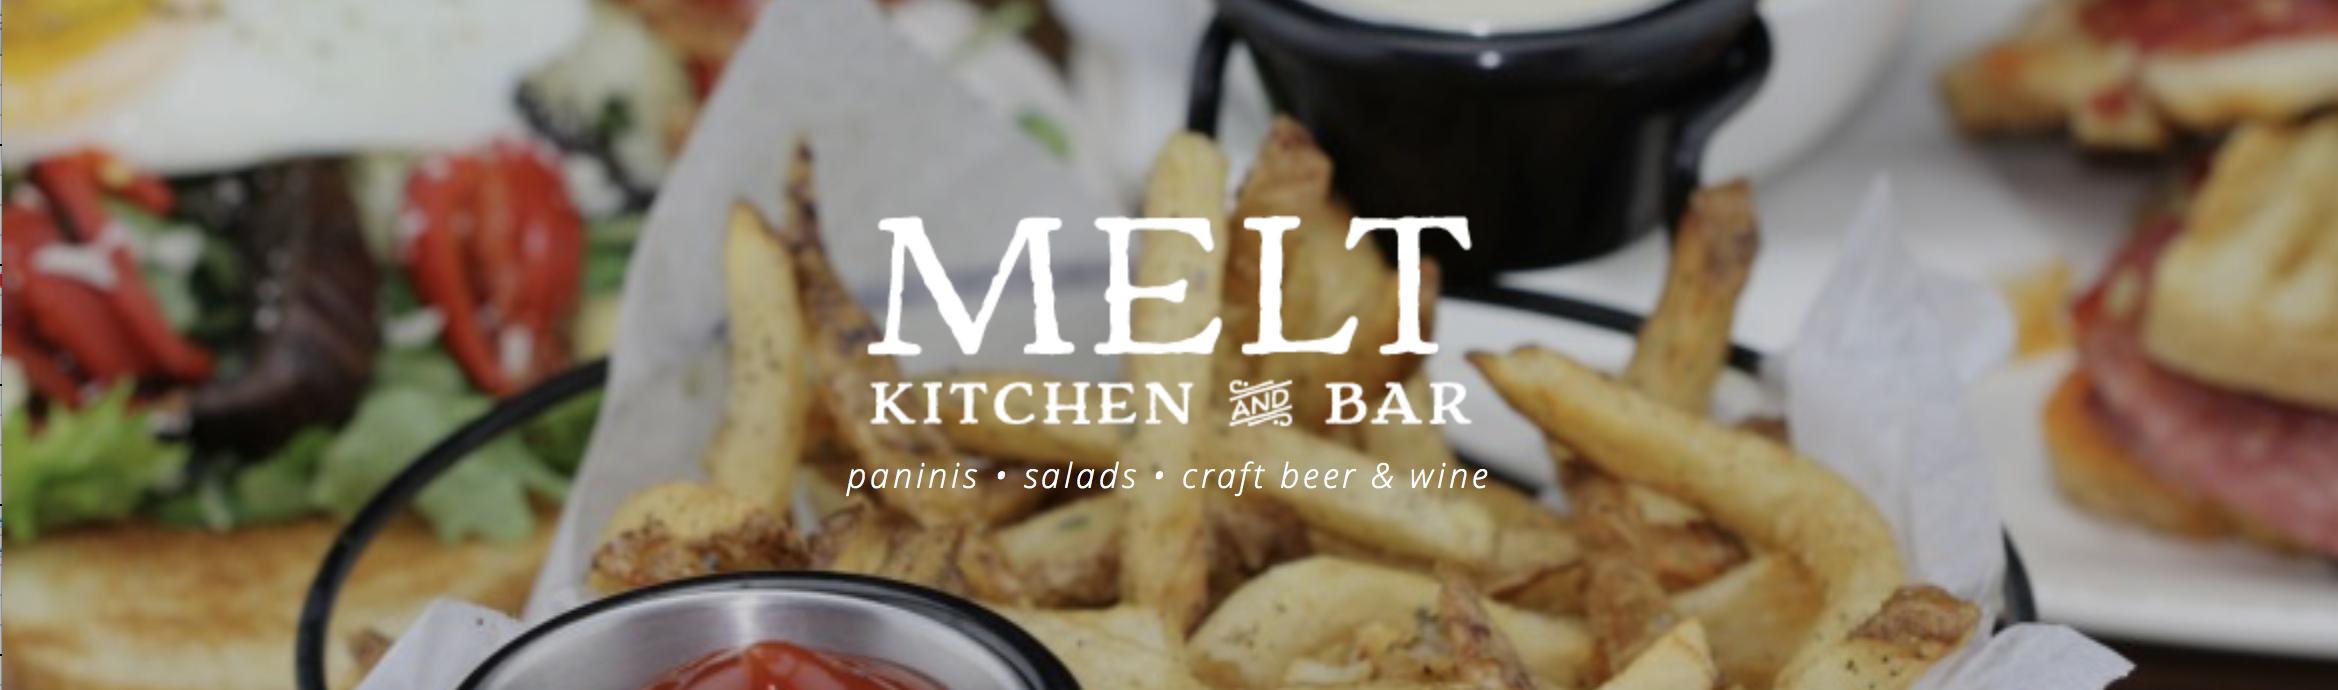 Melt Kitchen & Bar Greensboro NC